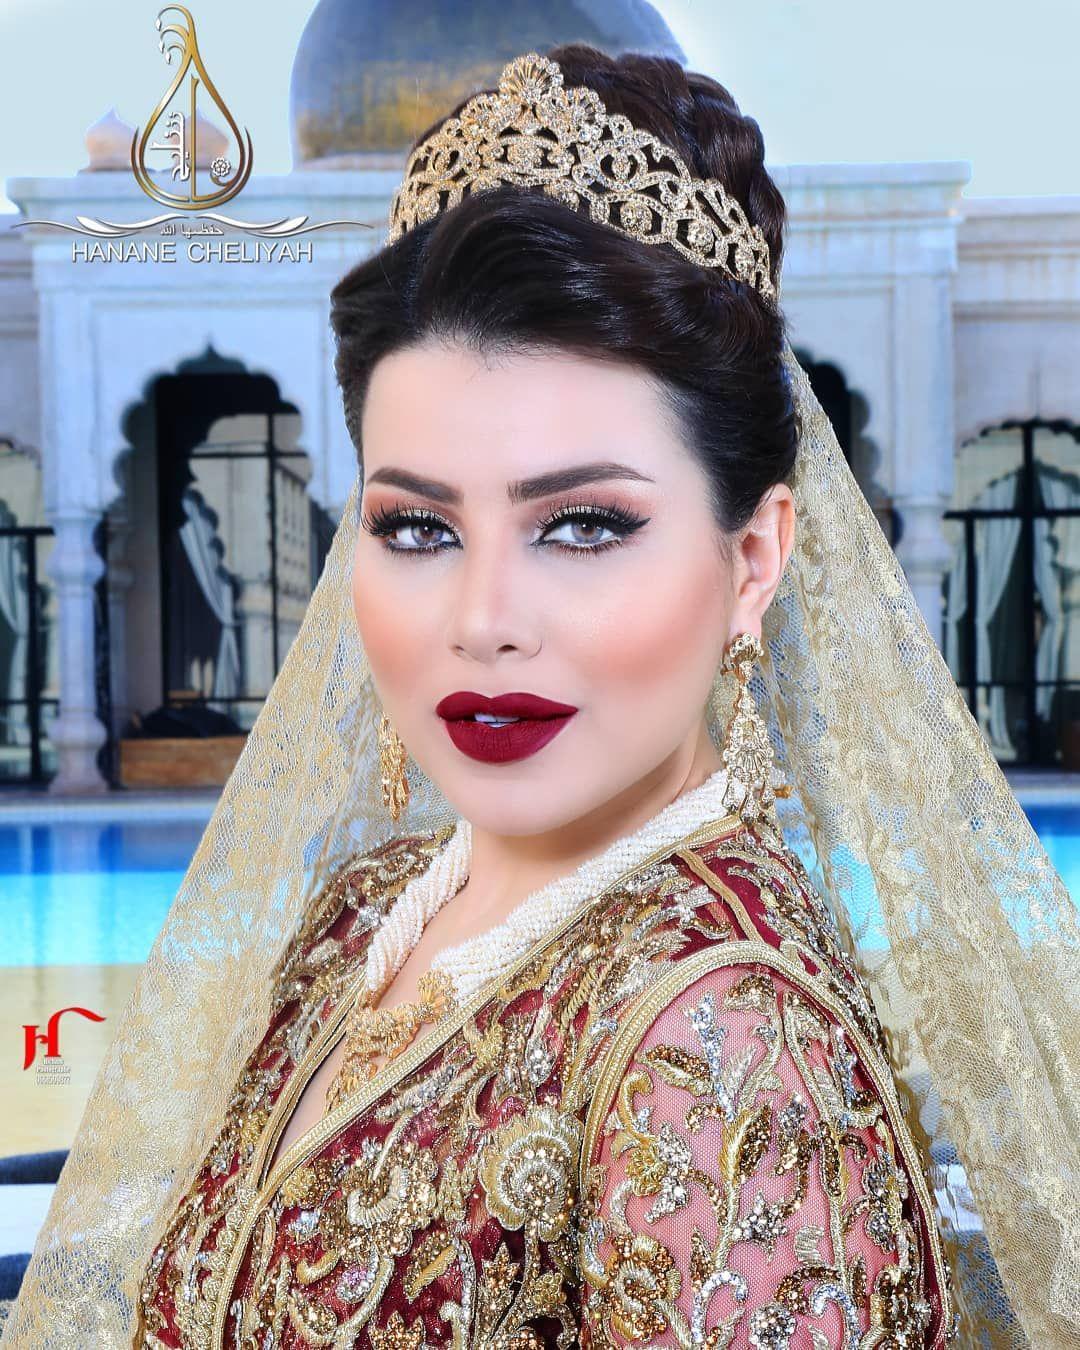 يلة سعيدة لمحبين حنان الشلياح استوديو هشام مازالت أسطورة الأميرات تحتل قلوب الن ساء والفتيات فمنذ الص غر تحلم الف Moroccan Bride Moroccan Fashion Fashion